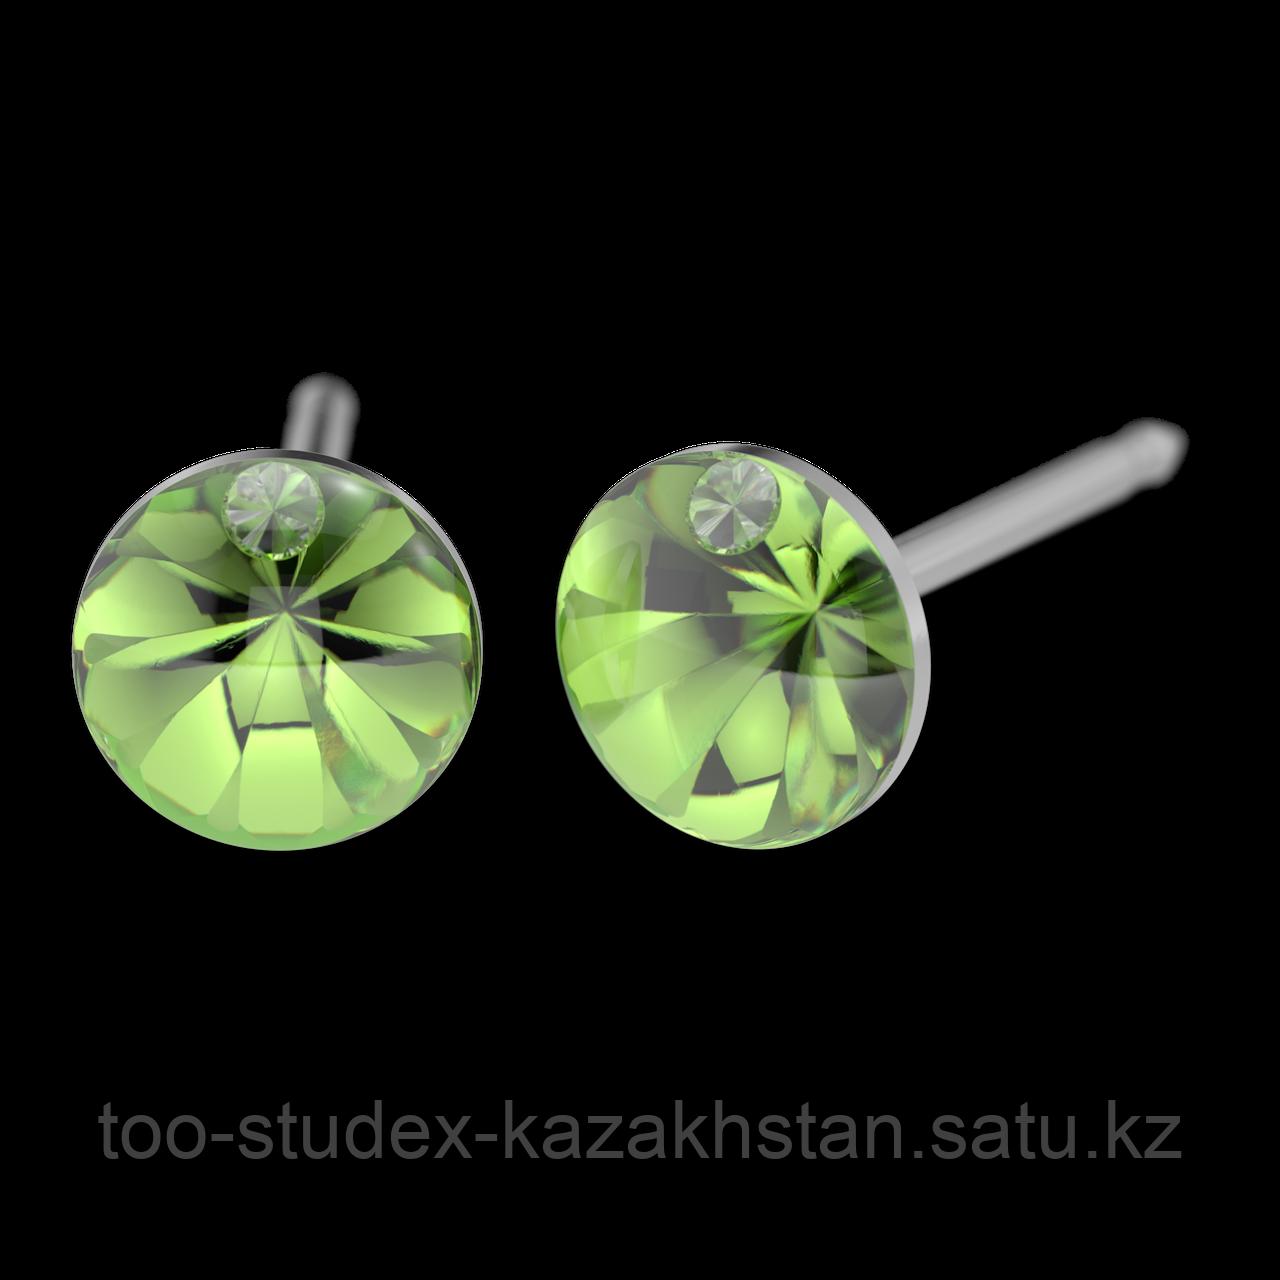 7522-4608 Серьги для прокола STUDEX System75 Зеленый кристалл с цирконом - фото 1